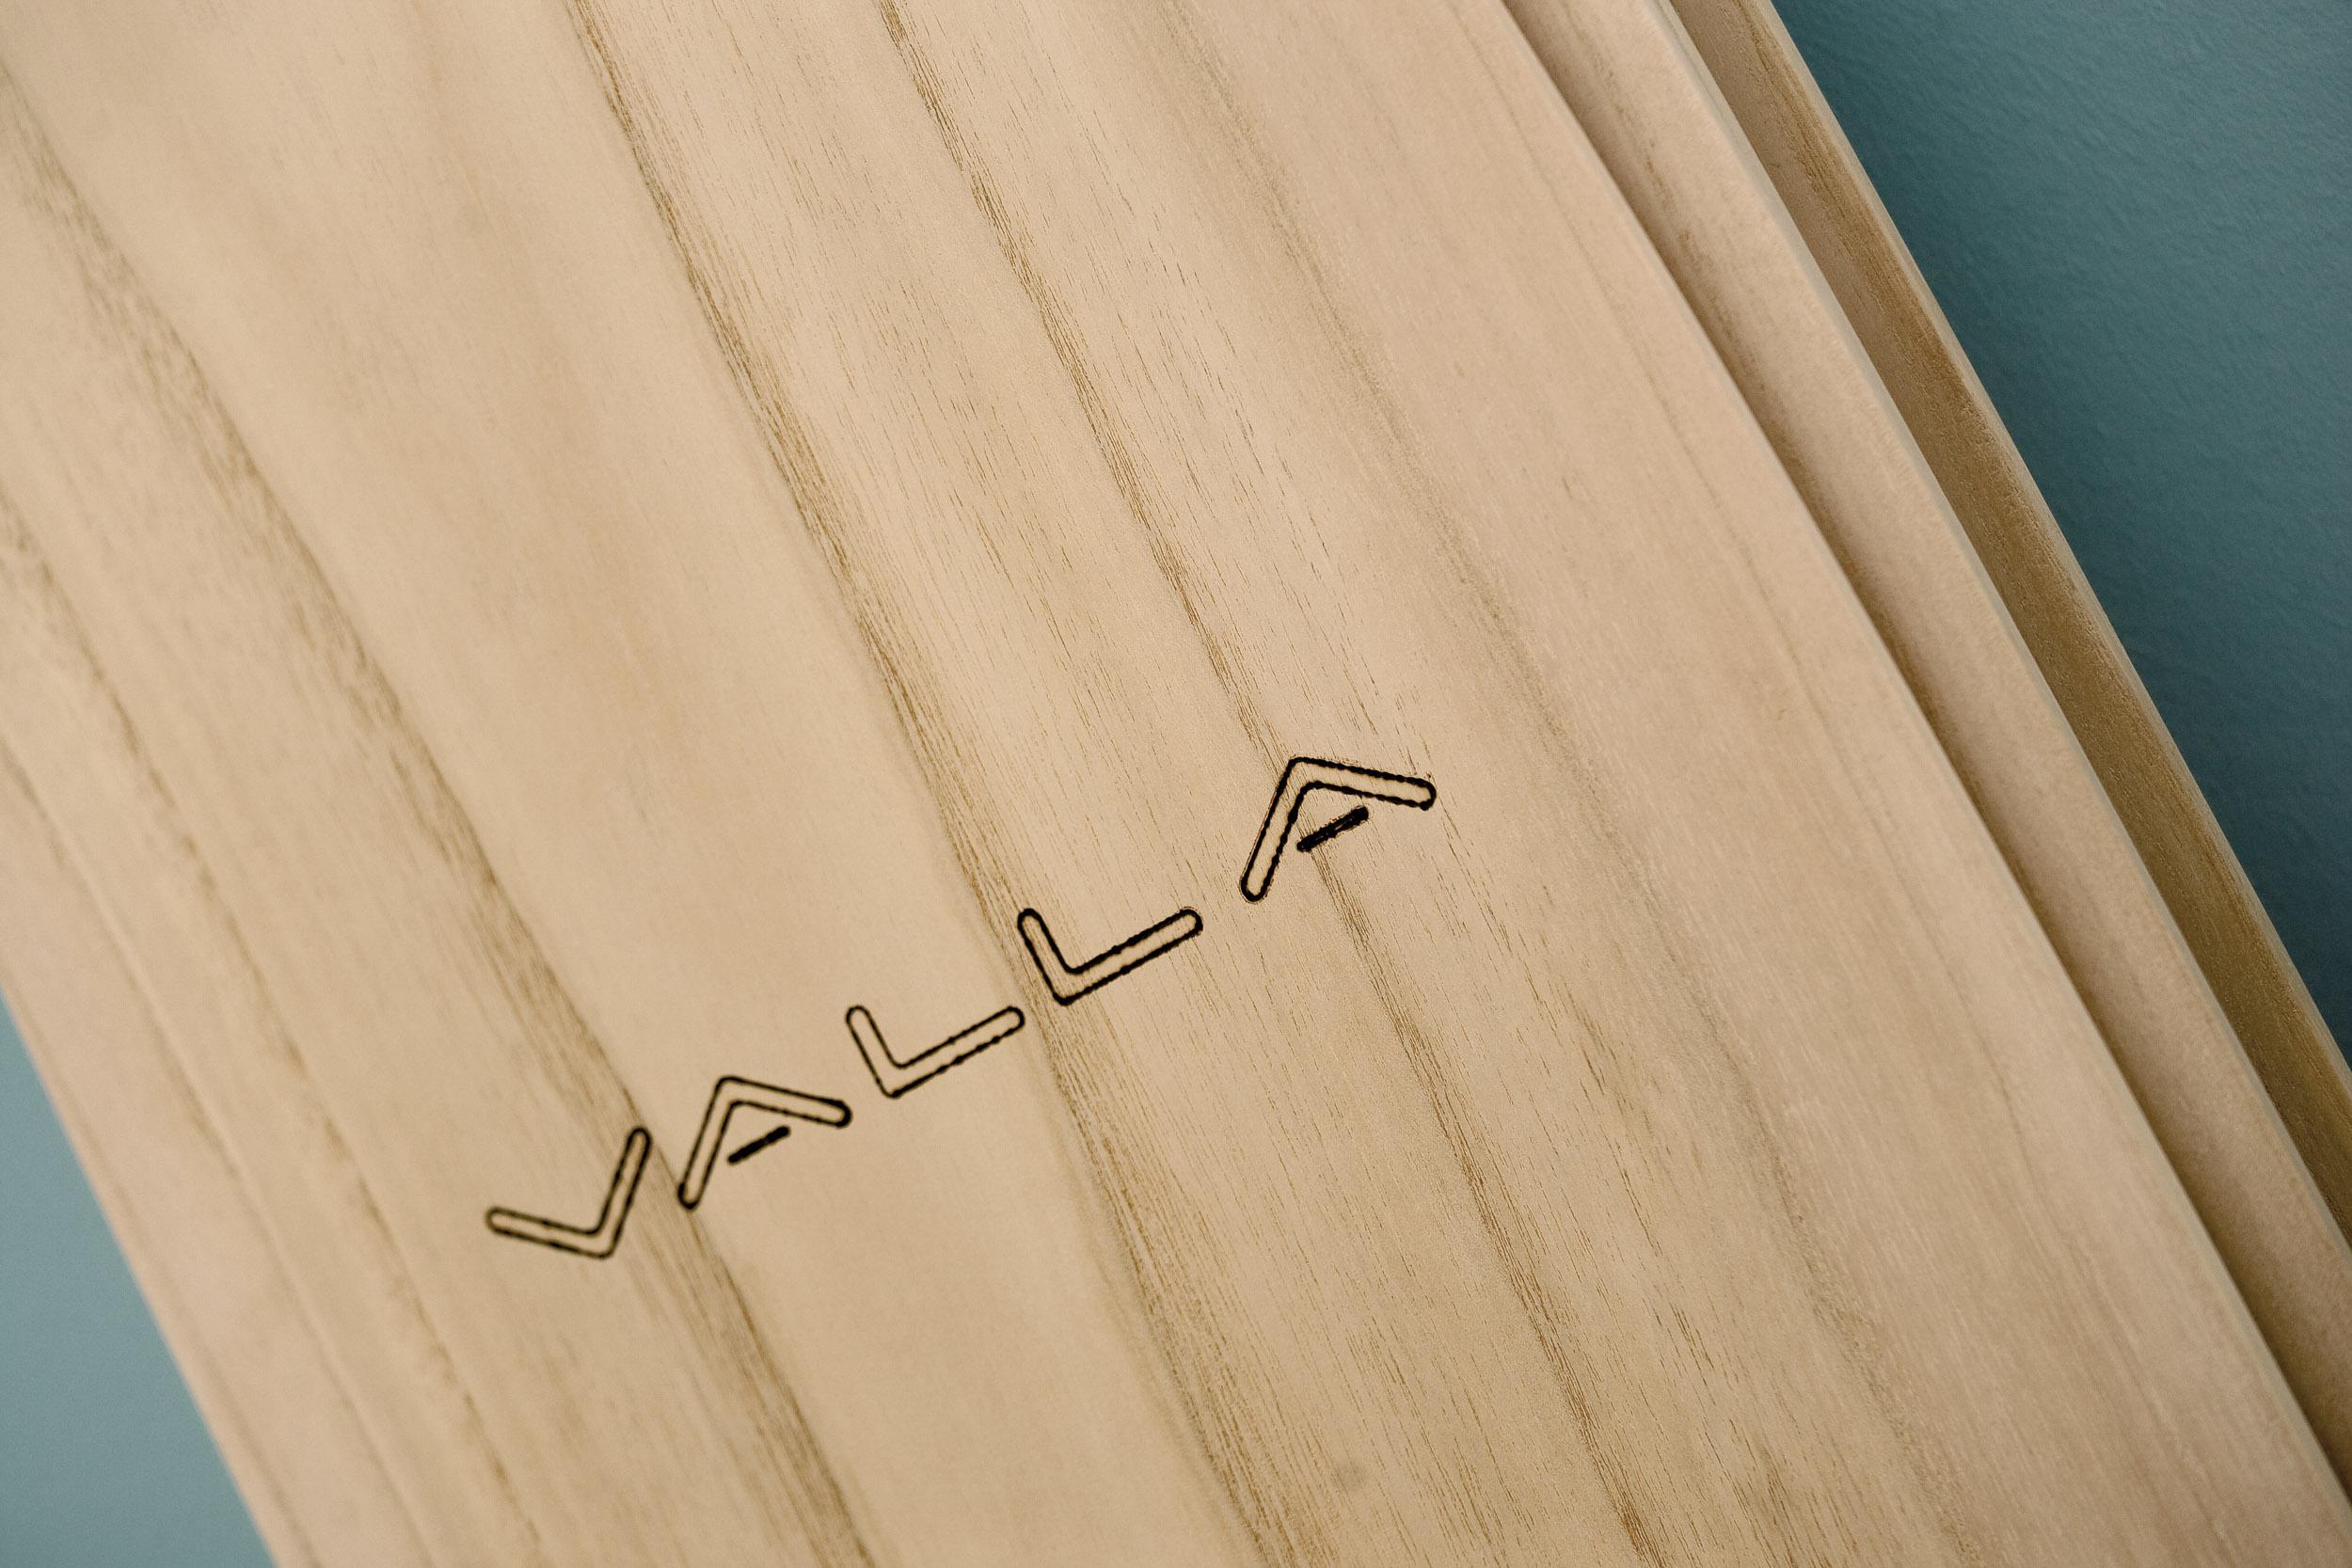 valla-surfboards.jpg